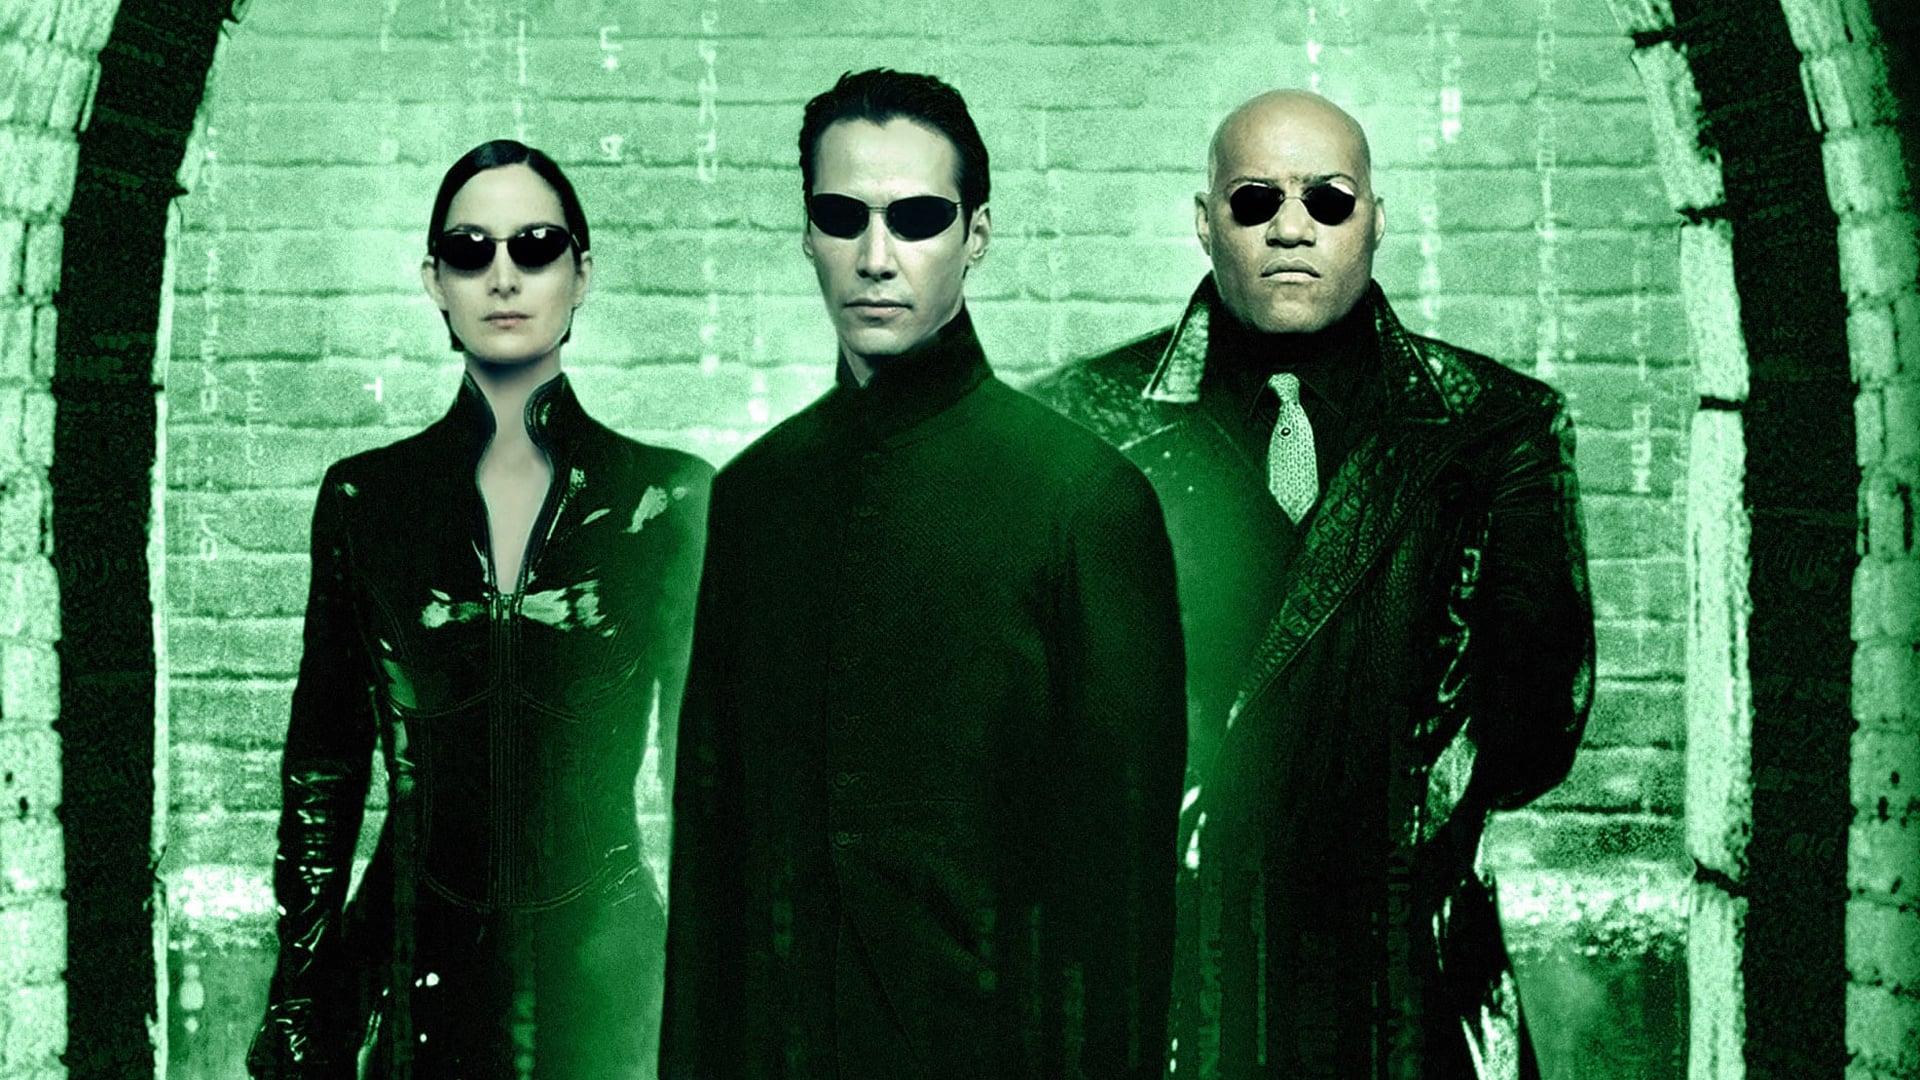 Обои the matrix, очки, матрица, hugo weaving, agent smith. Фильмы foto 15